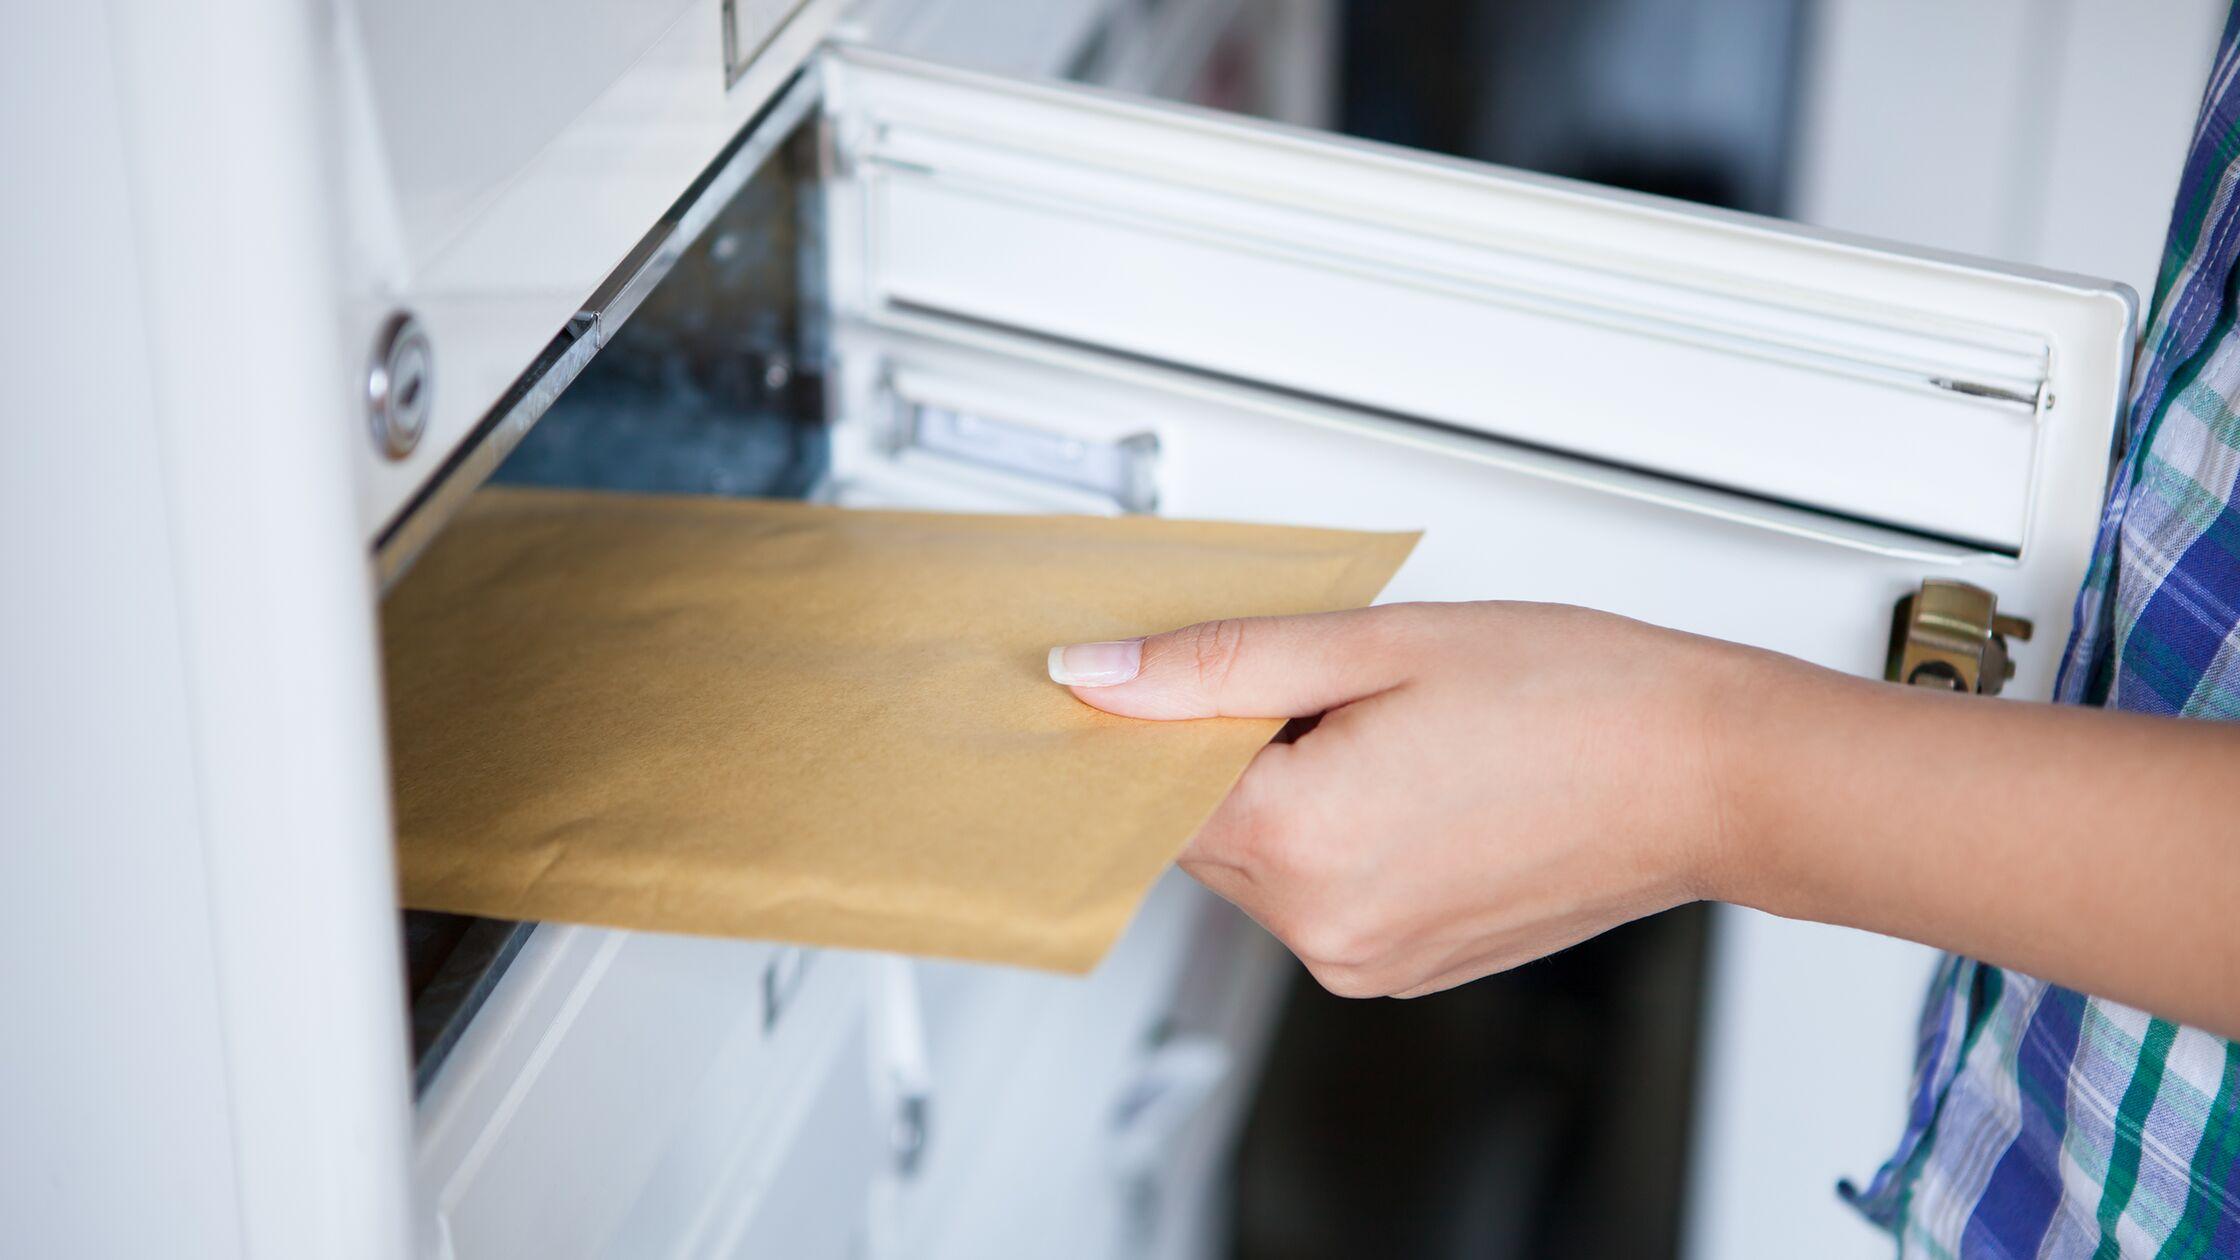 Frau nimmt einen Umschlag aus einem Briefkasten.